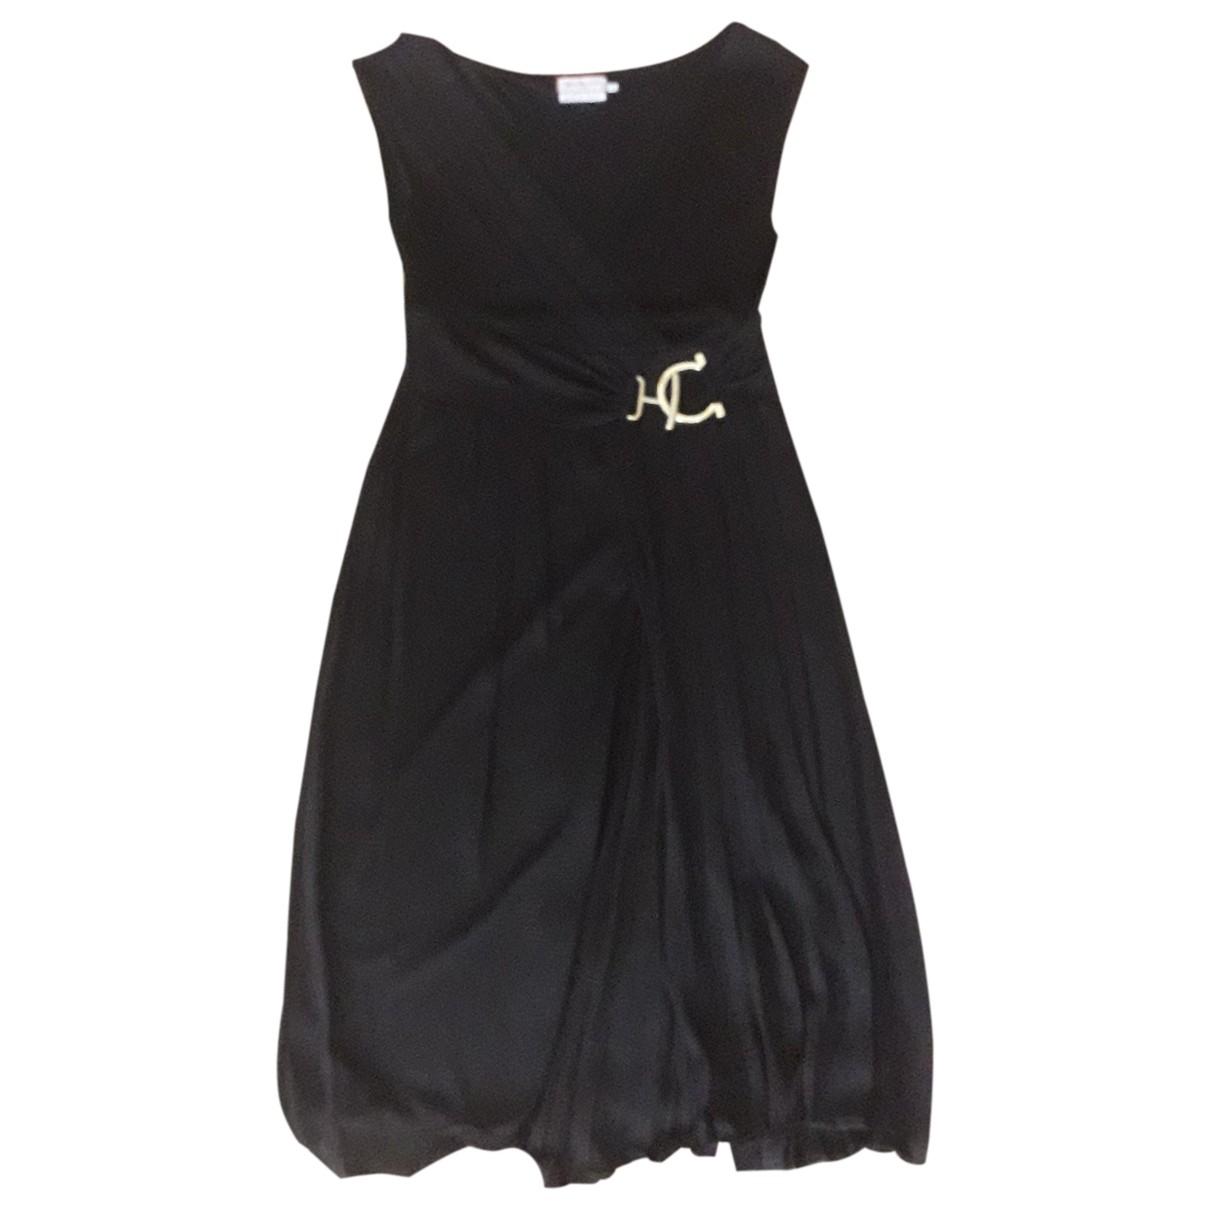 Max & Co \N Black dress for Women S International